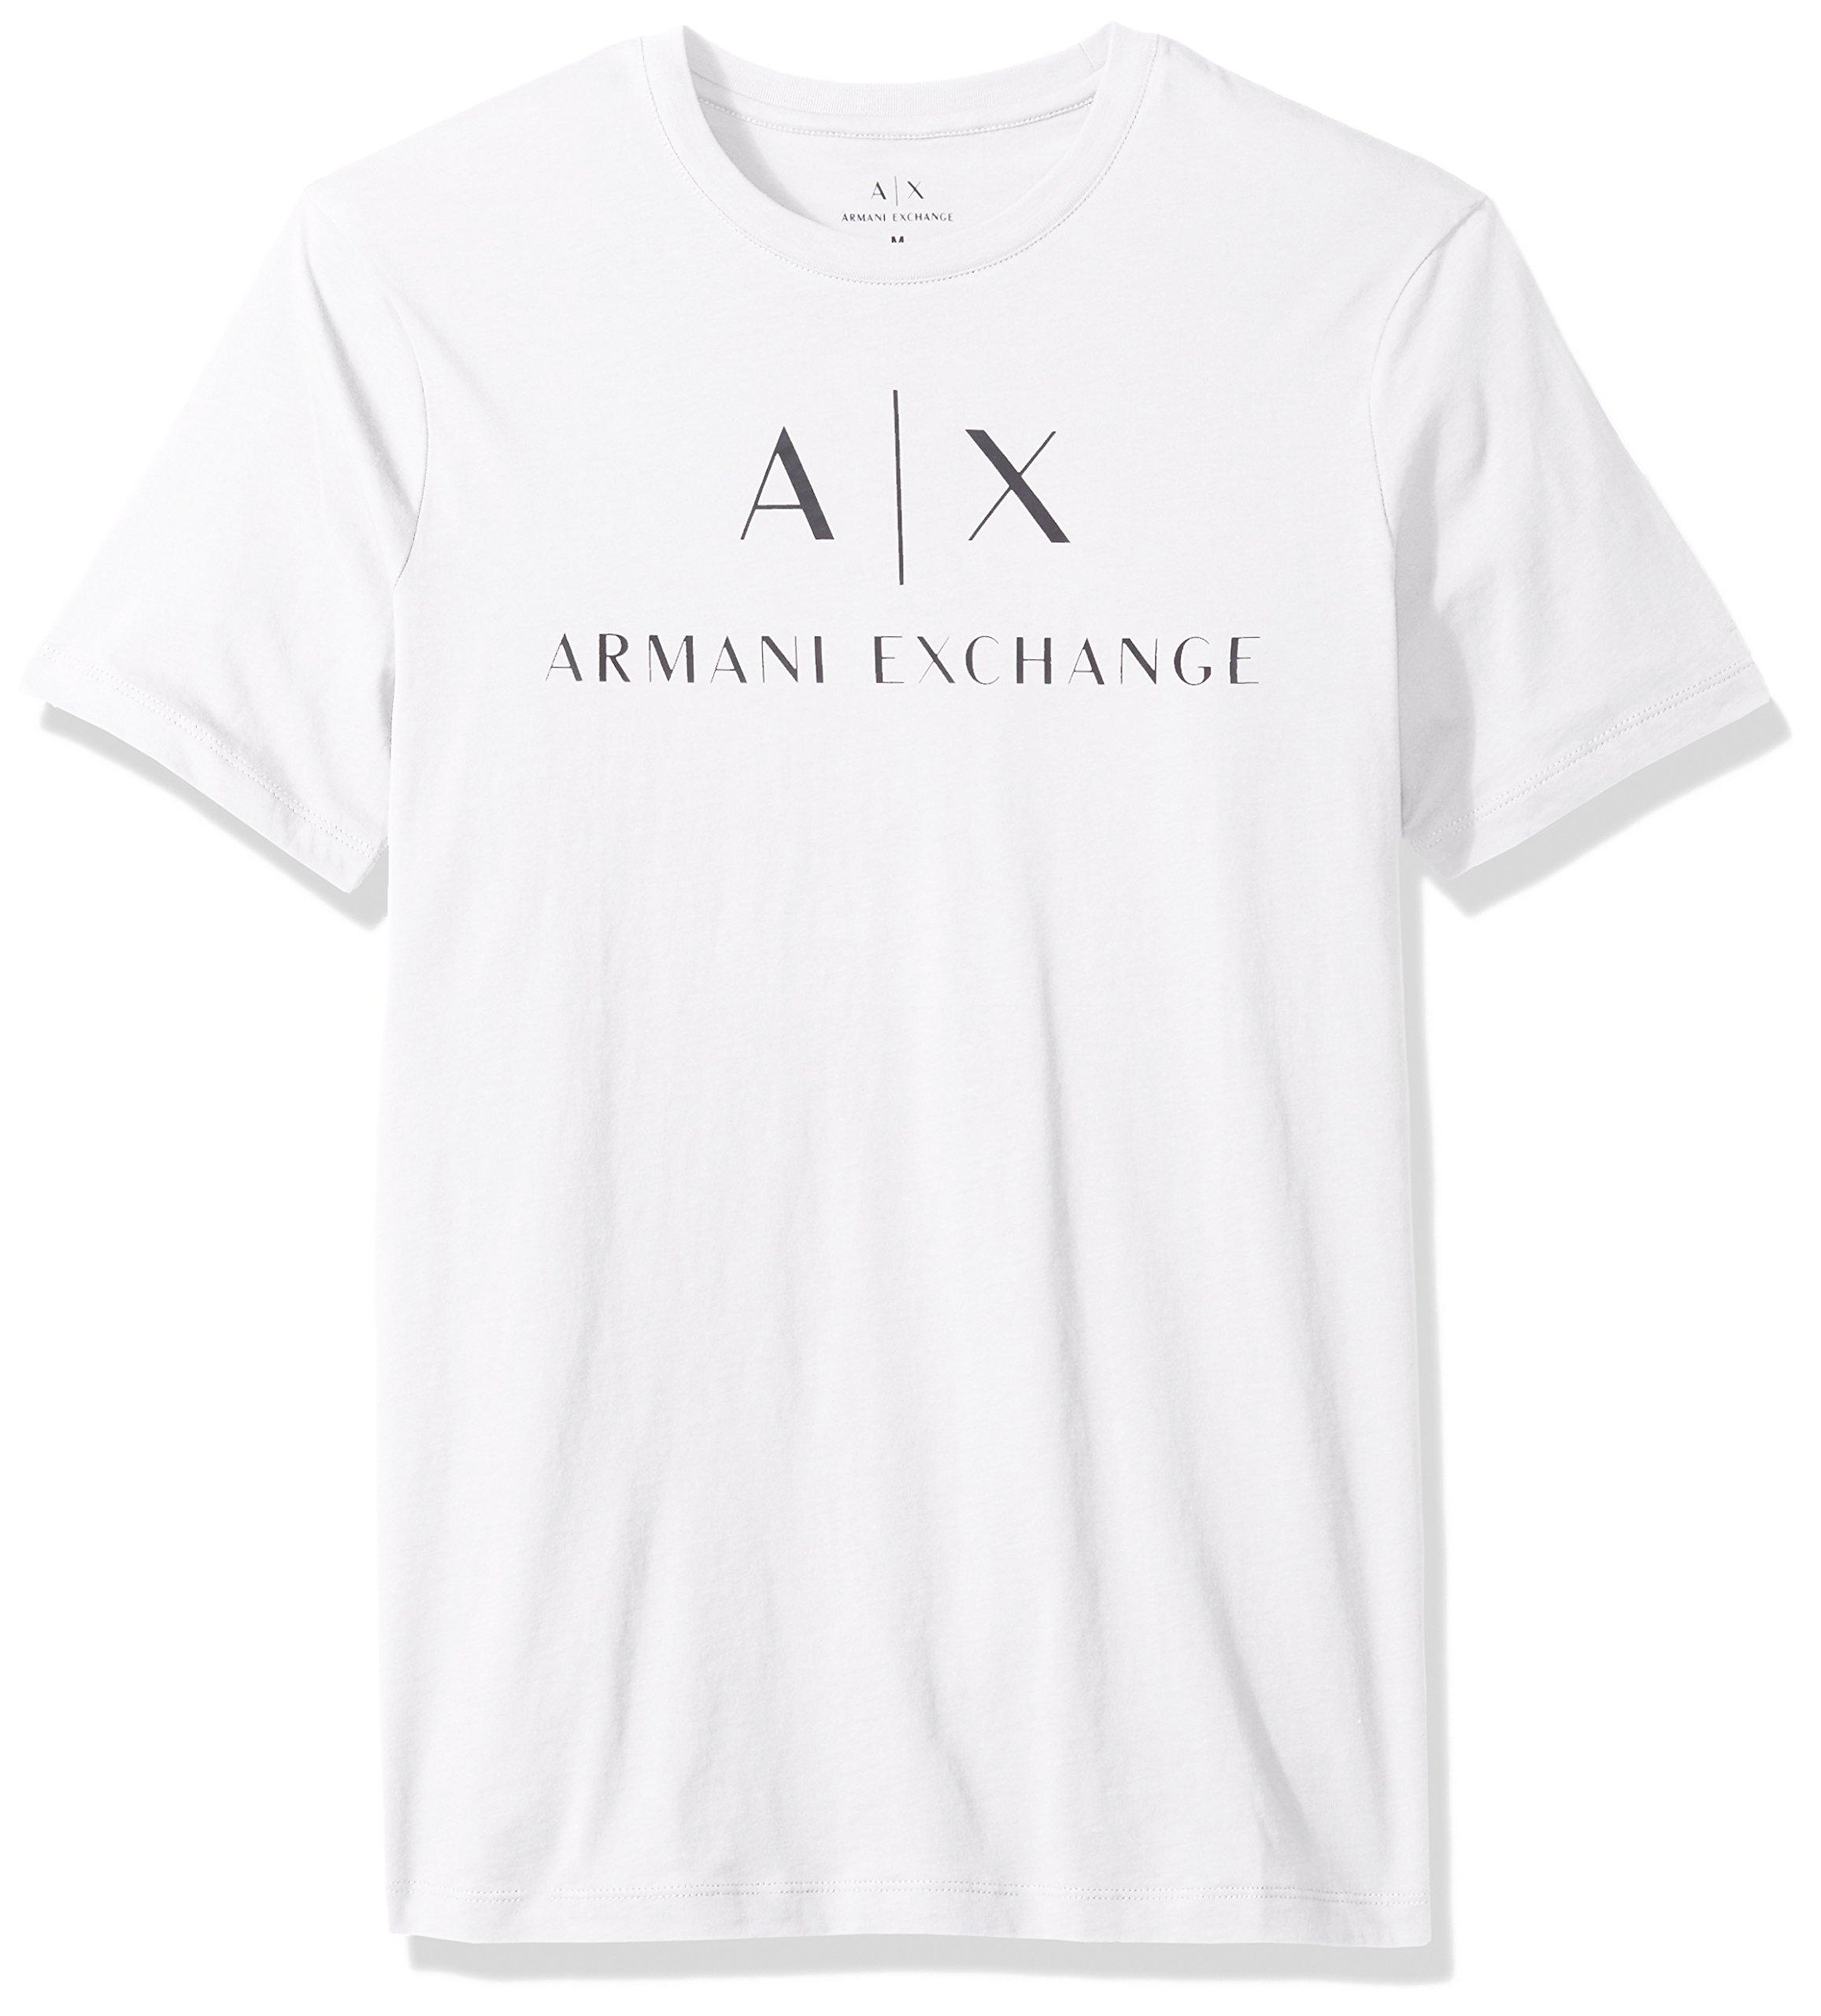 203a82dce80 Armani Exchange T Shirt Men Top Deals   Lowest Price